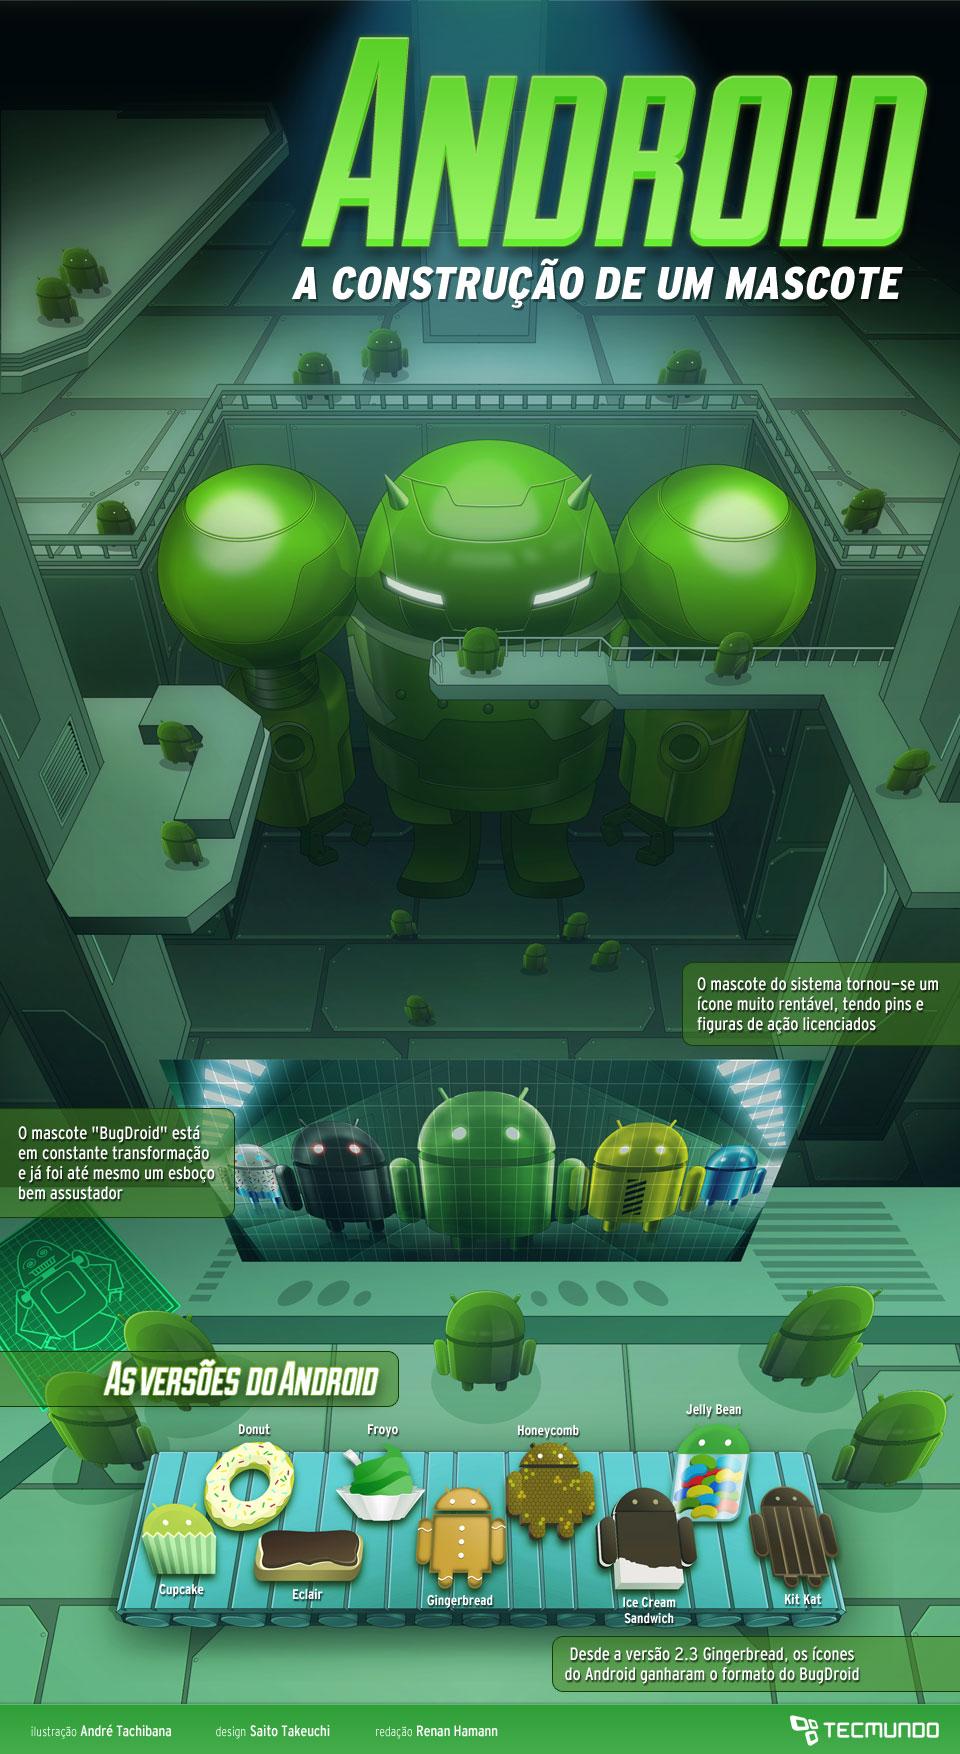 Android: a história do robô-mascote mais famoso do mundo [ilustração]